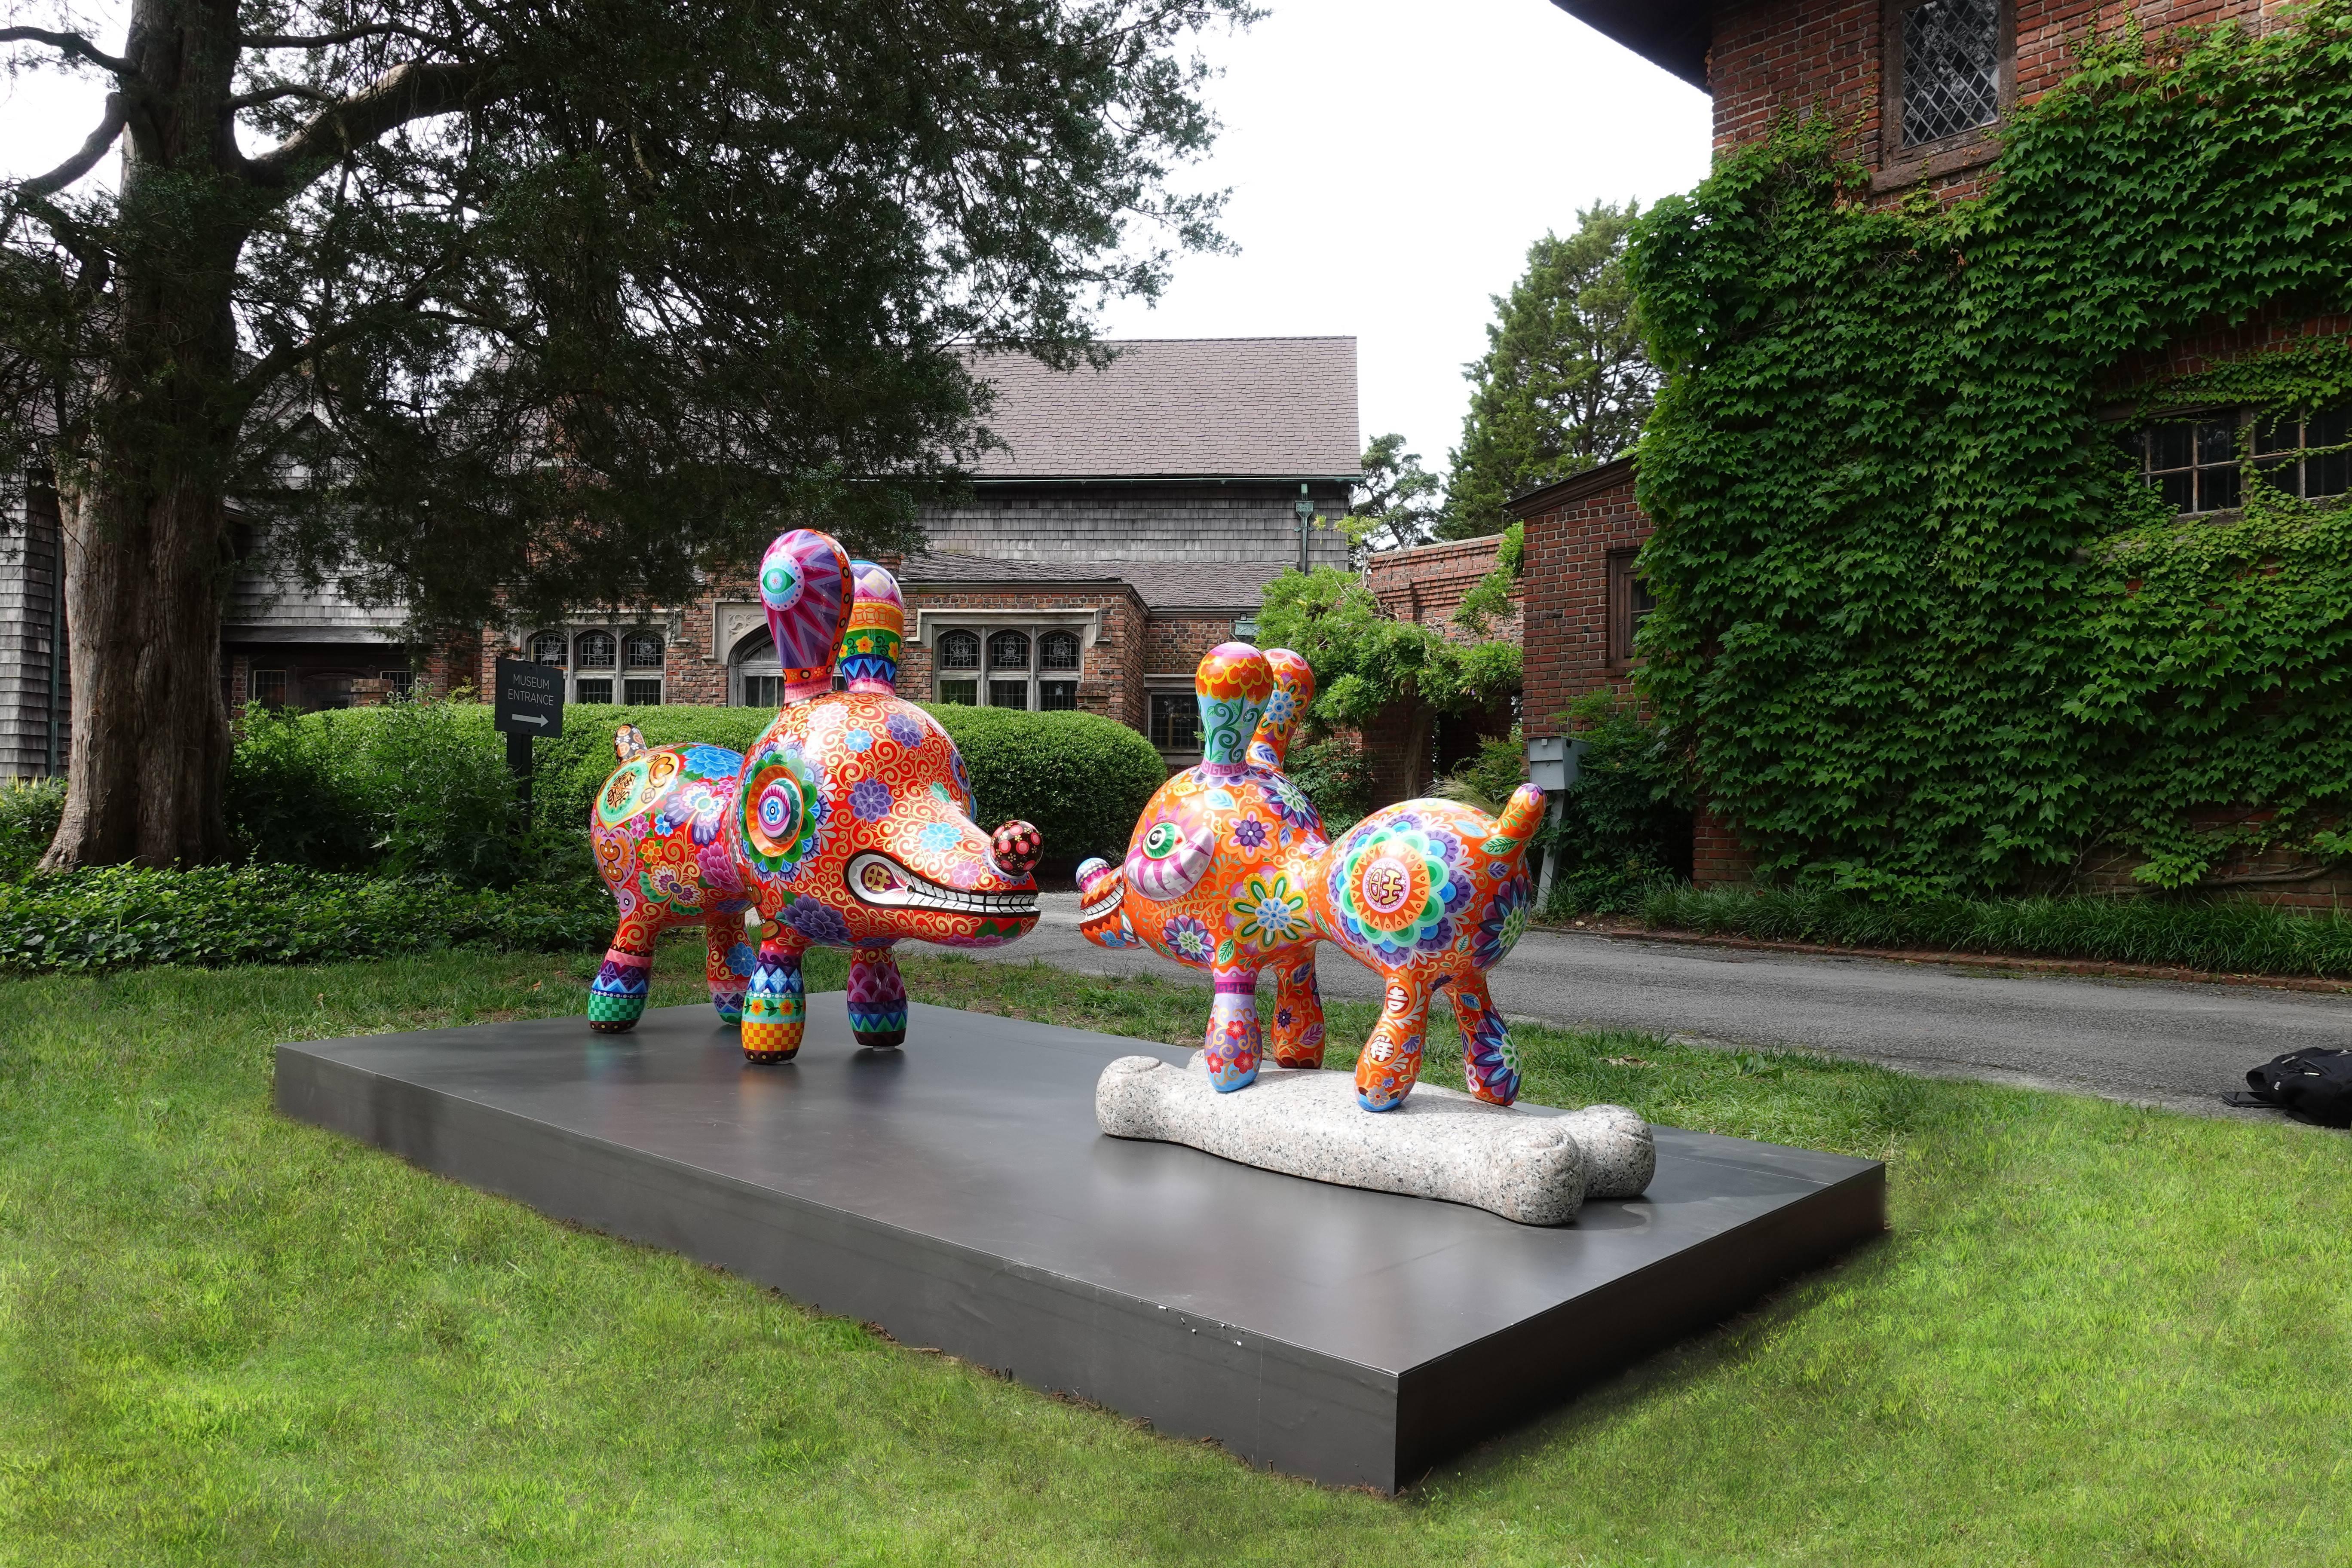 「旺狗」與「骨頭狗」在茵茵綠草上呈現活潑的對話。圖/印象畫廊提供